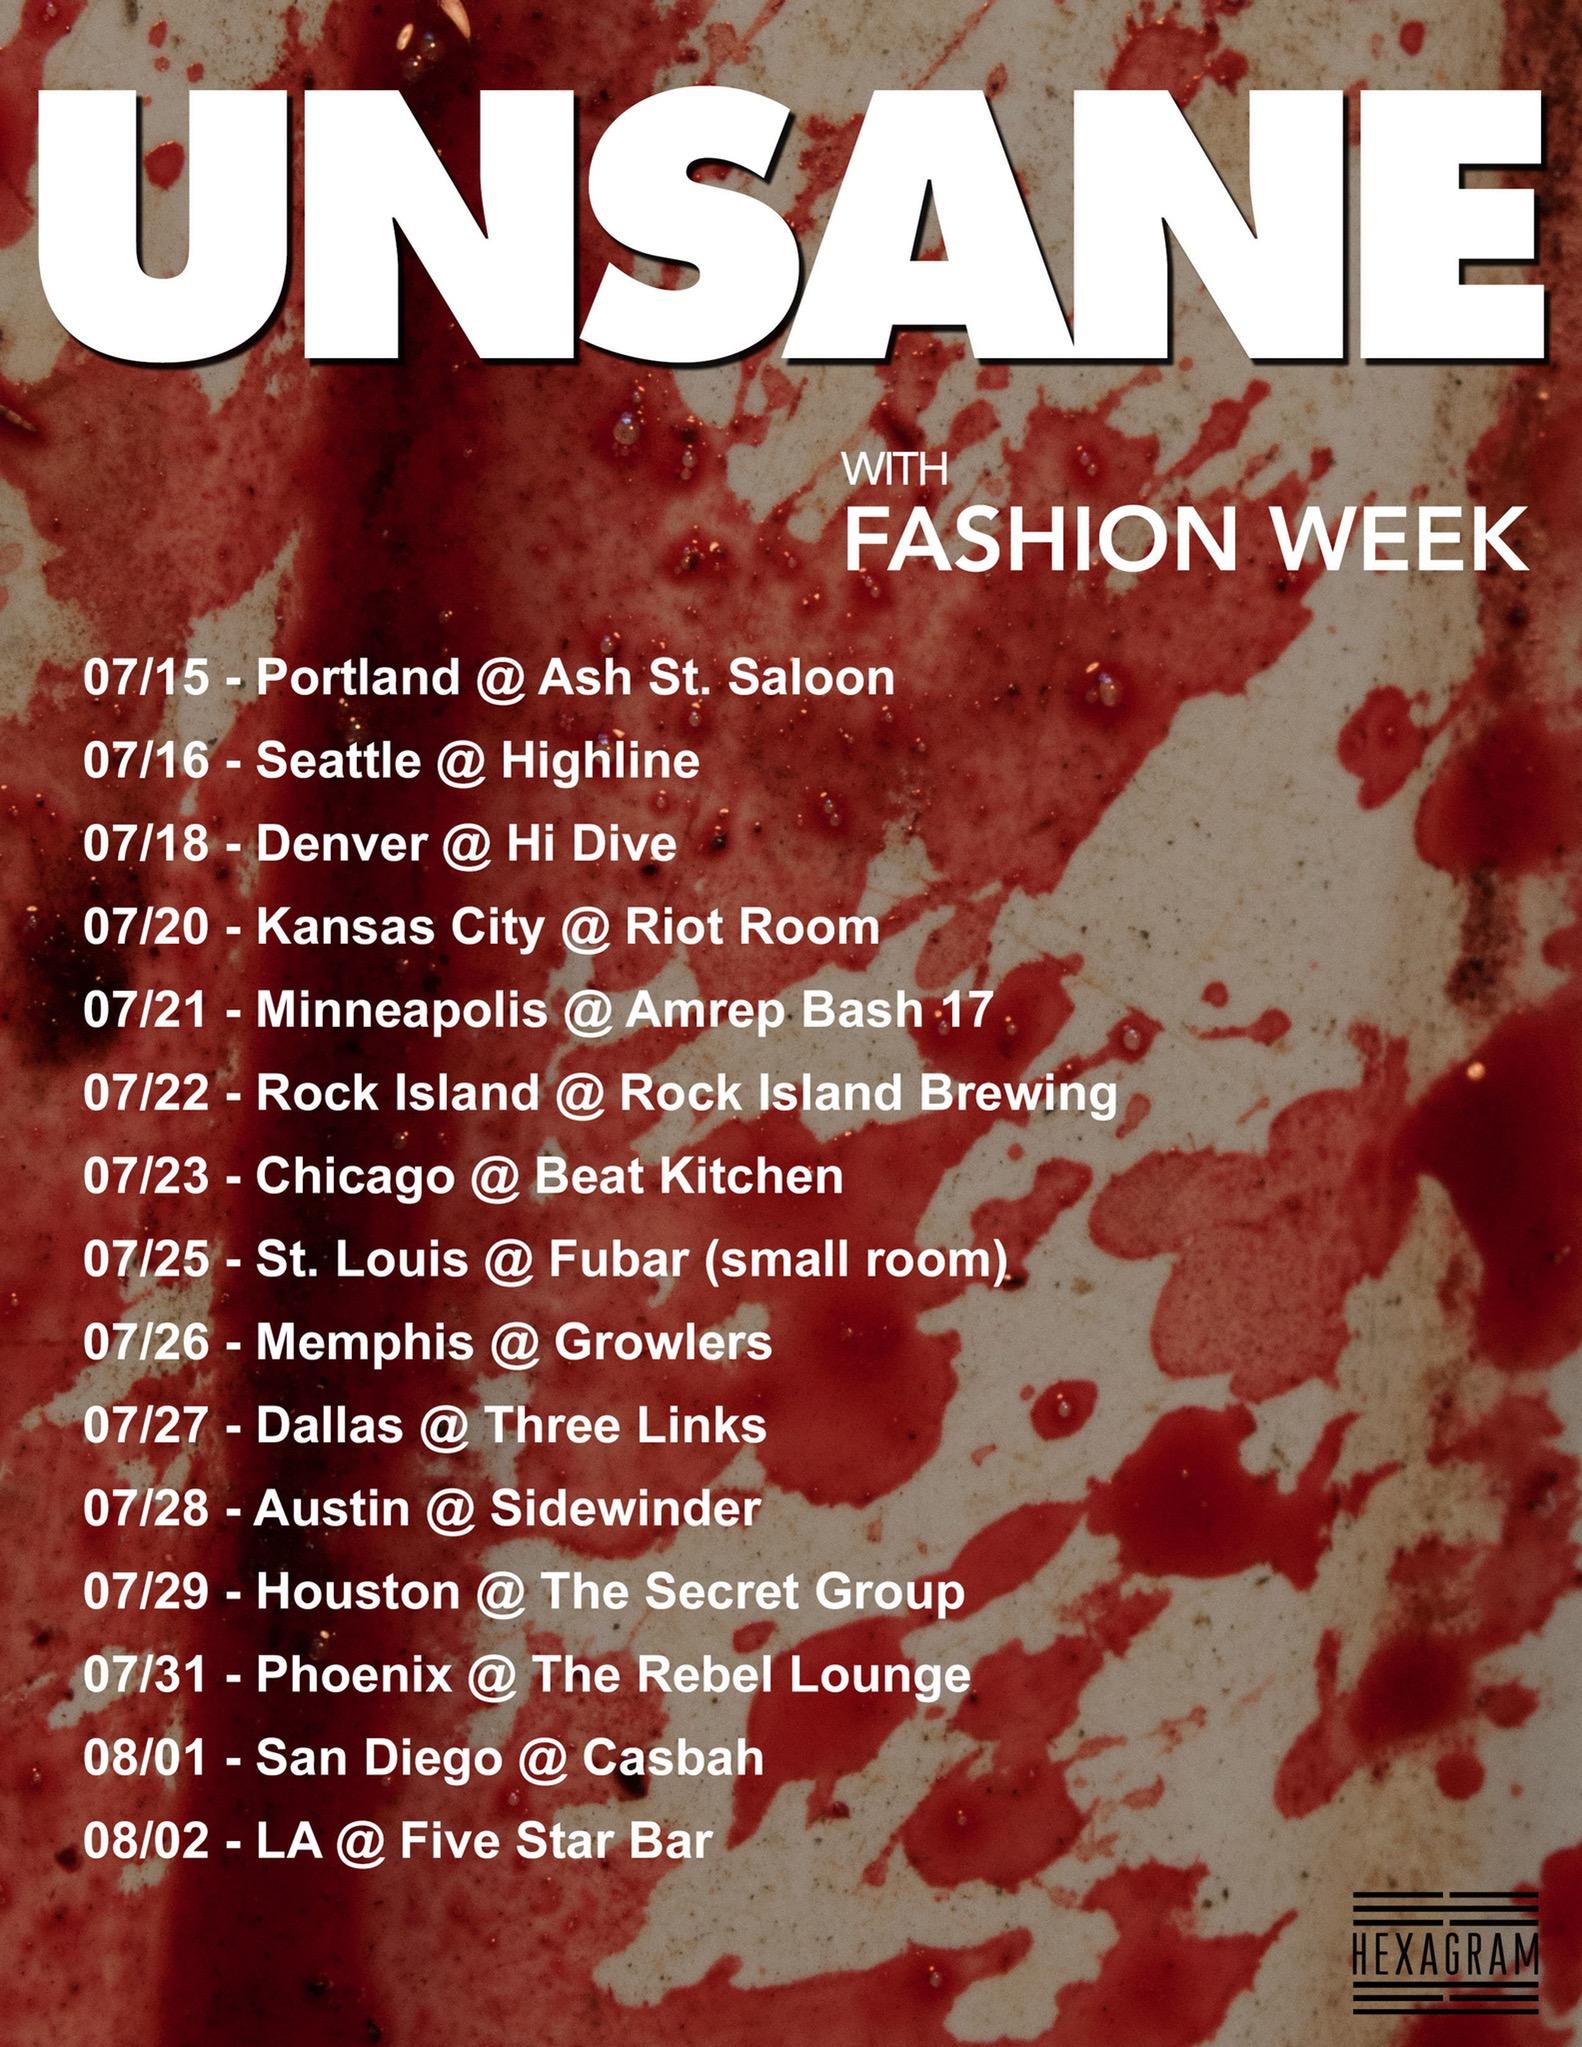 unsane 2017 tour